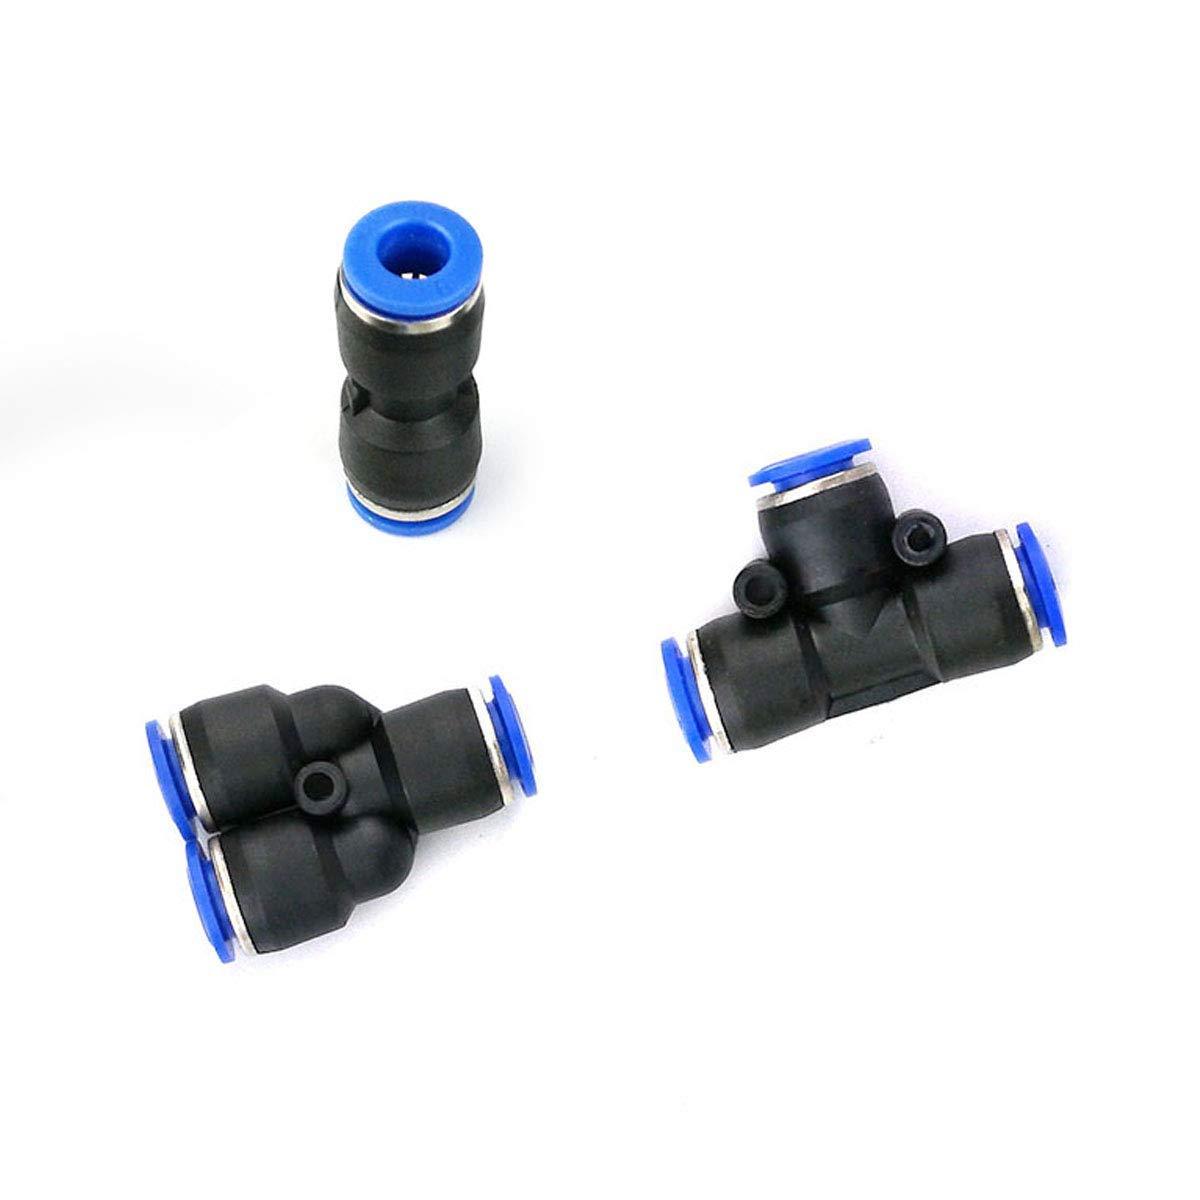 conectores a presi/ón 15 piezas Conector de accesorios neum/áticos r/ápido accesorios r/ápidos neum/áticos de 8 mm